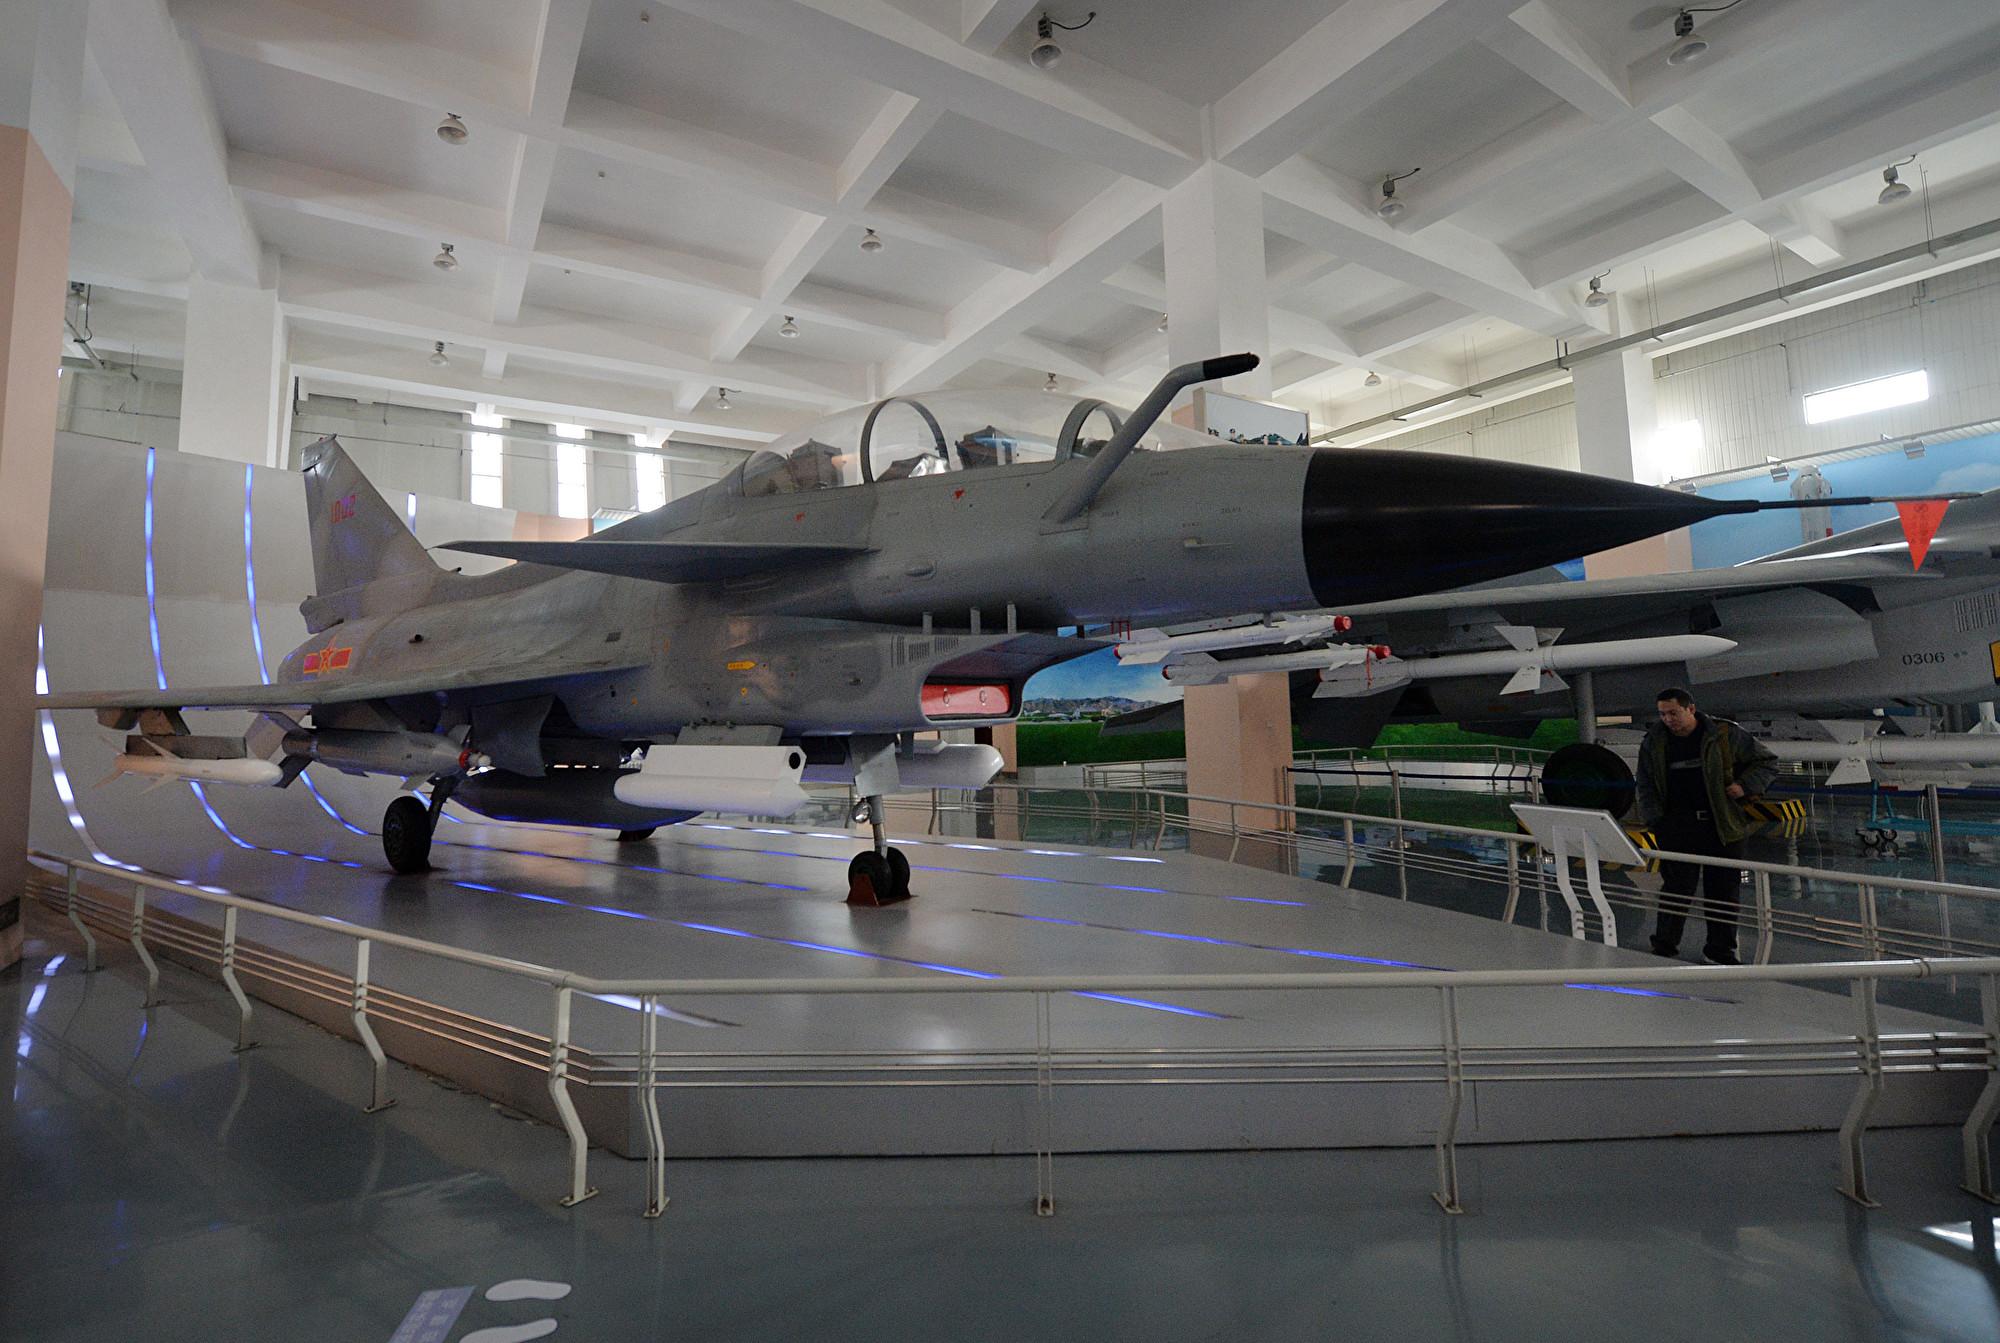 【內幕】為何殲-10酷似F-16獵鷹戰機